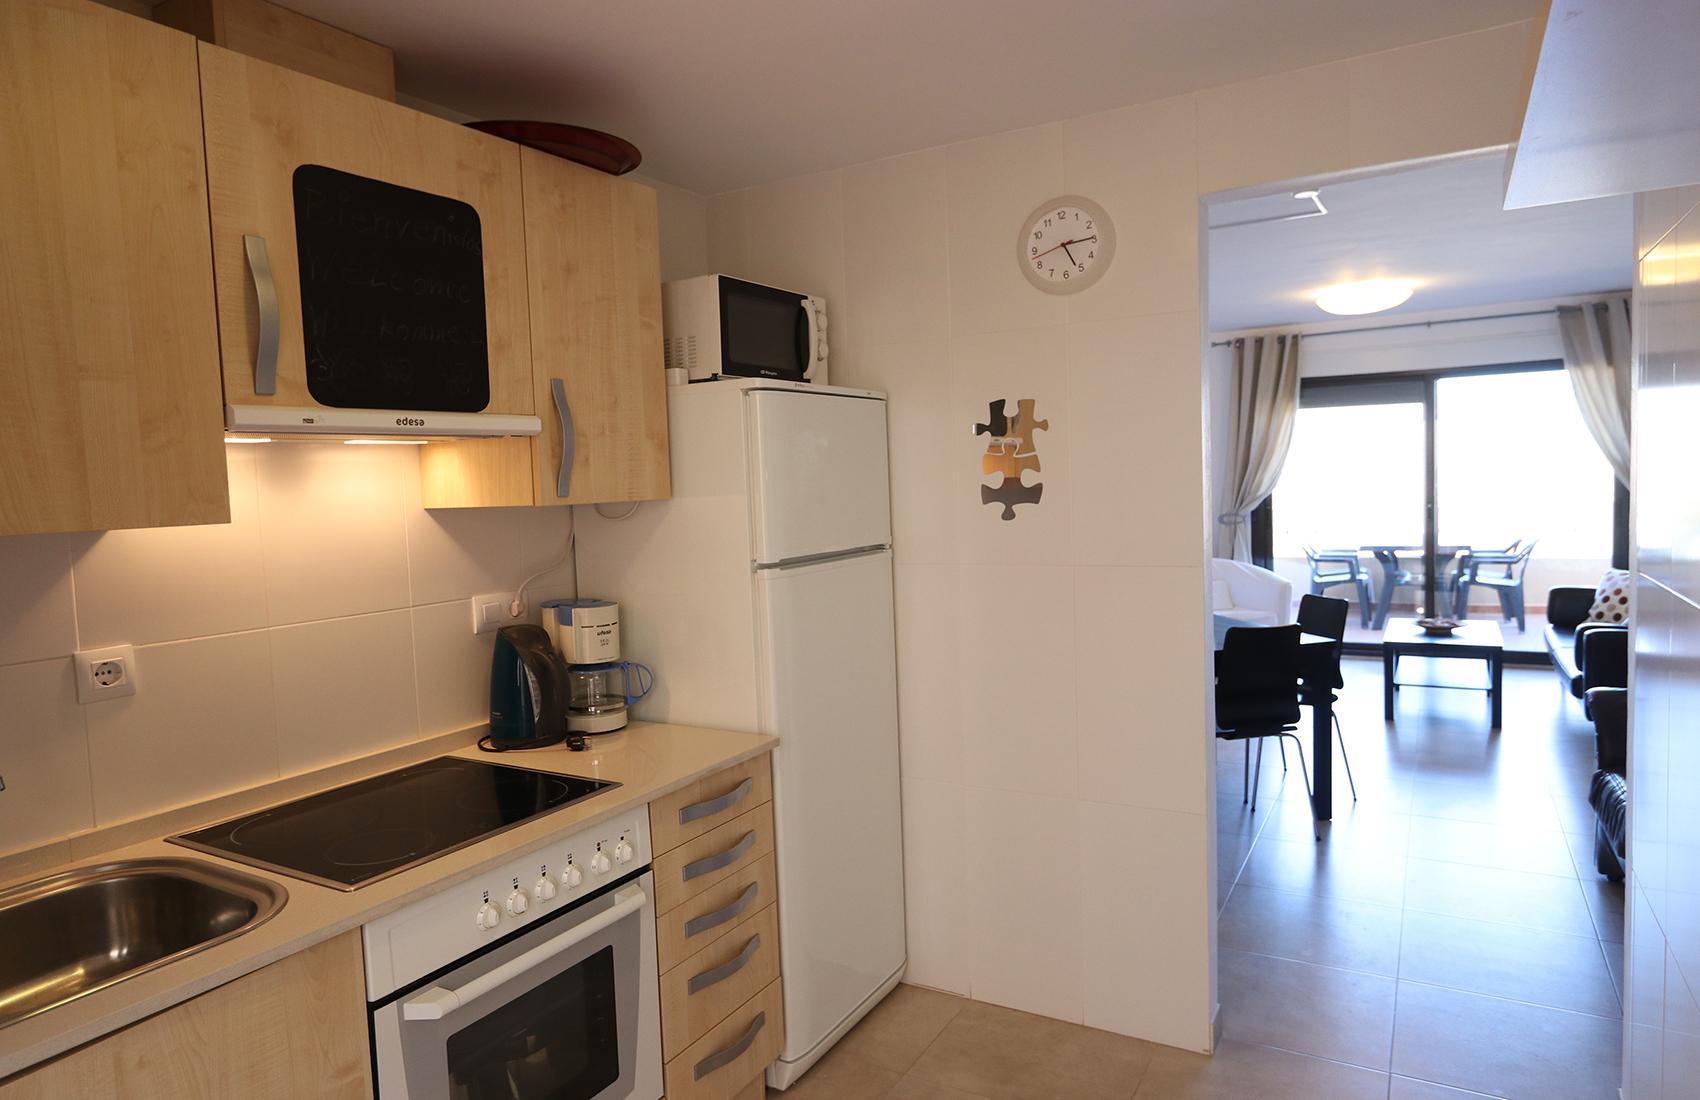 A1B4 kitchen 1